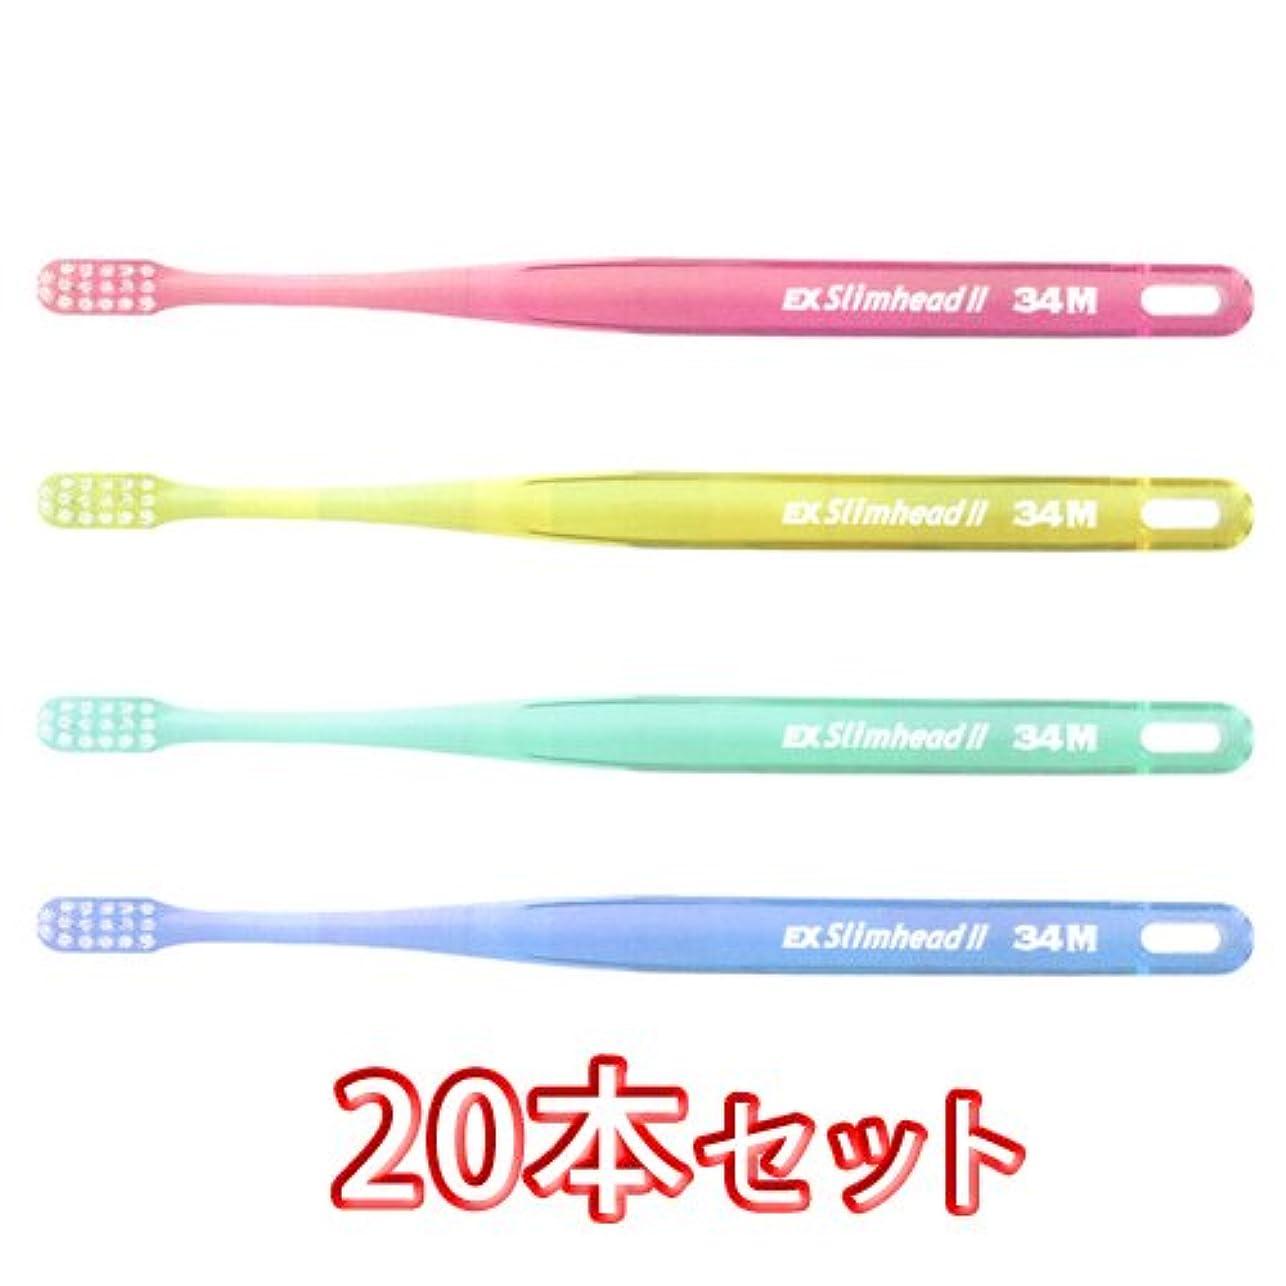 科学的リンケージ無しライオン スリムヘッド2 歯ブラシ DENT . EX Slimhead2 20本入 (34M)